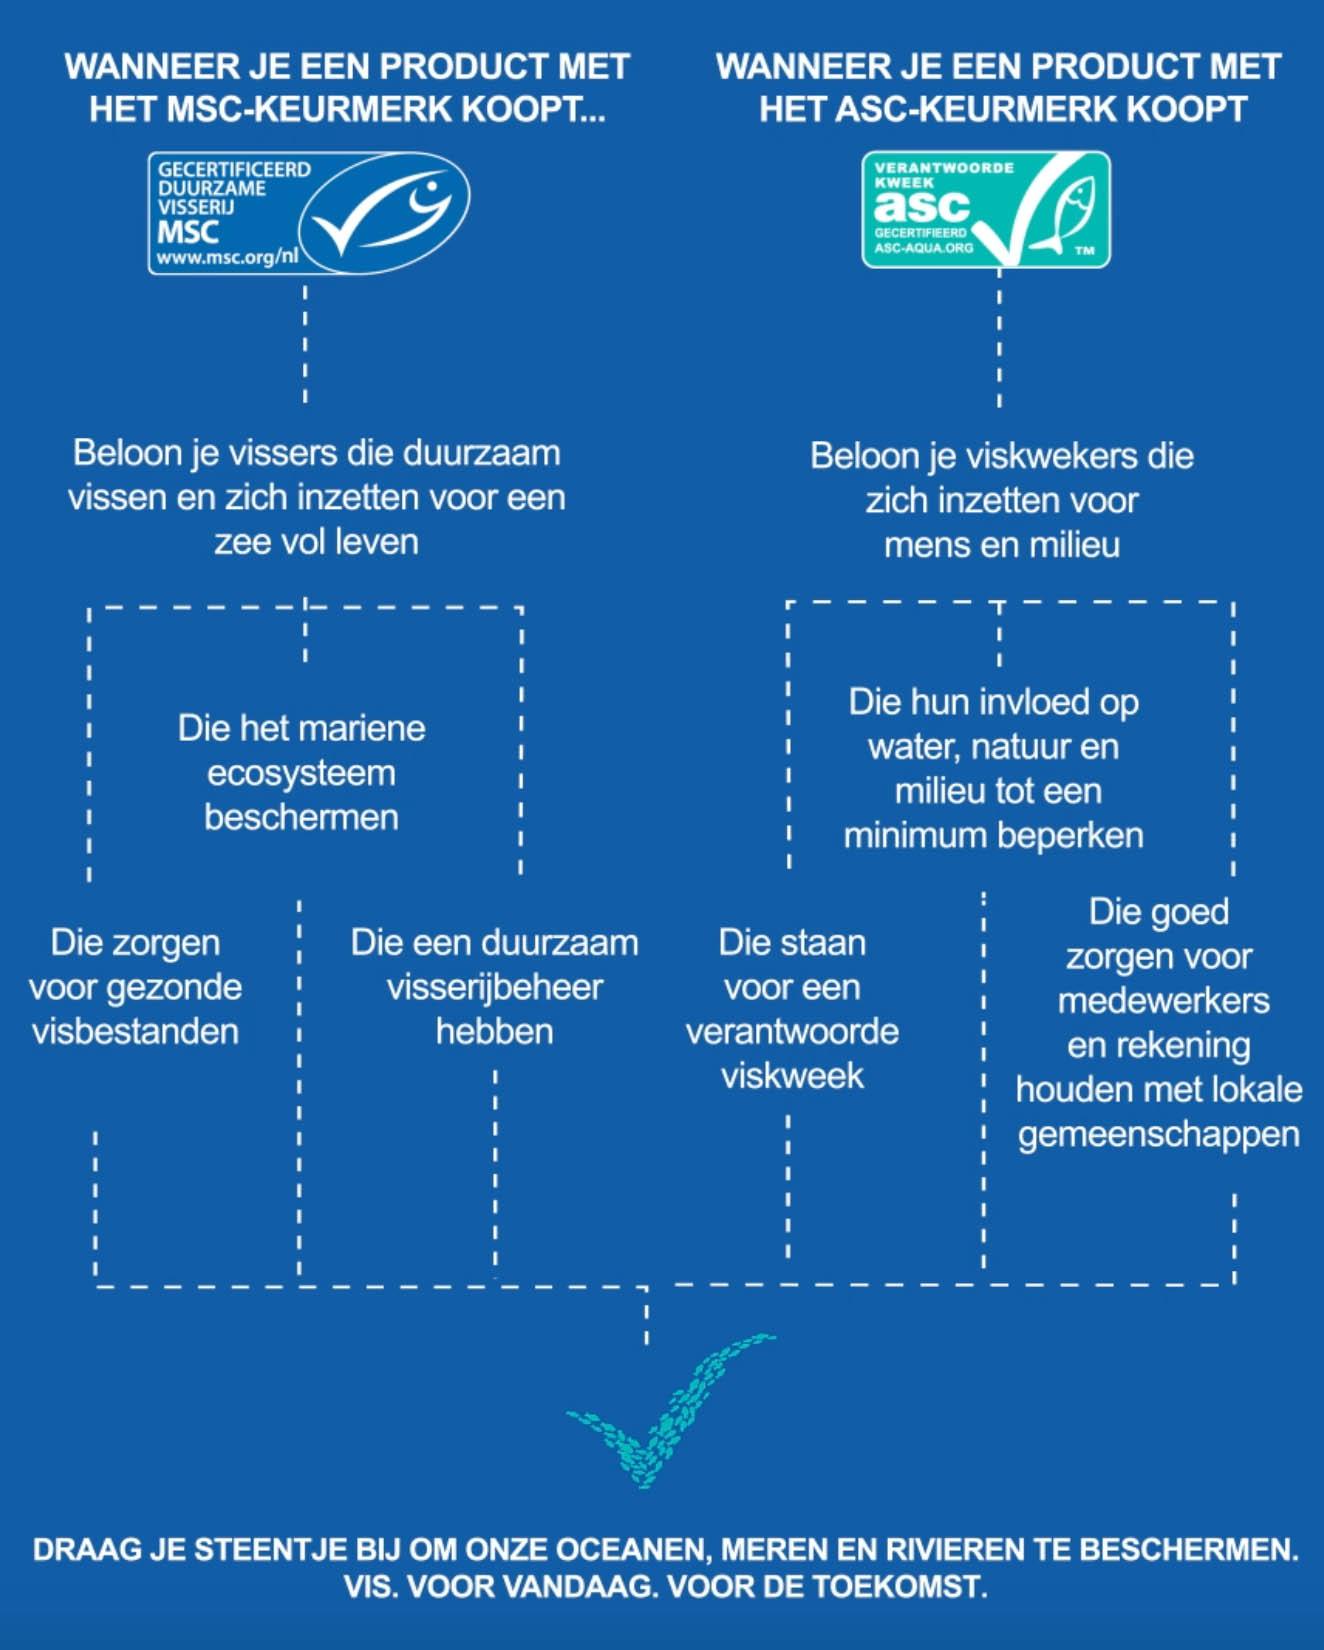 BVW 2020 Nederland